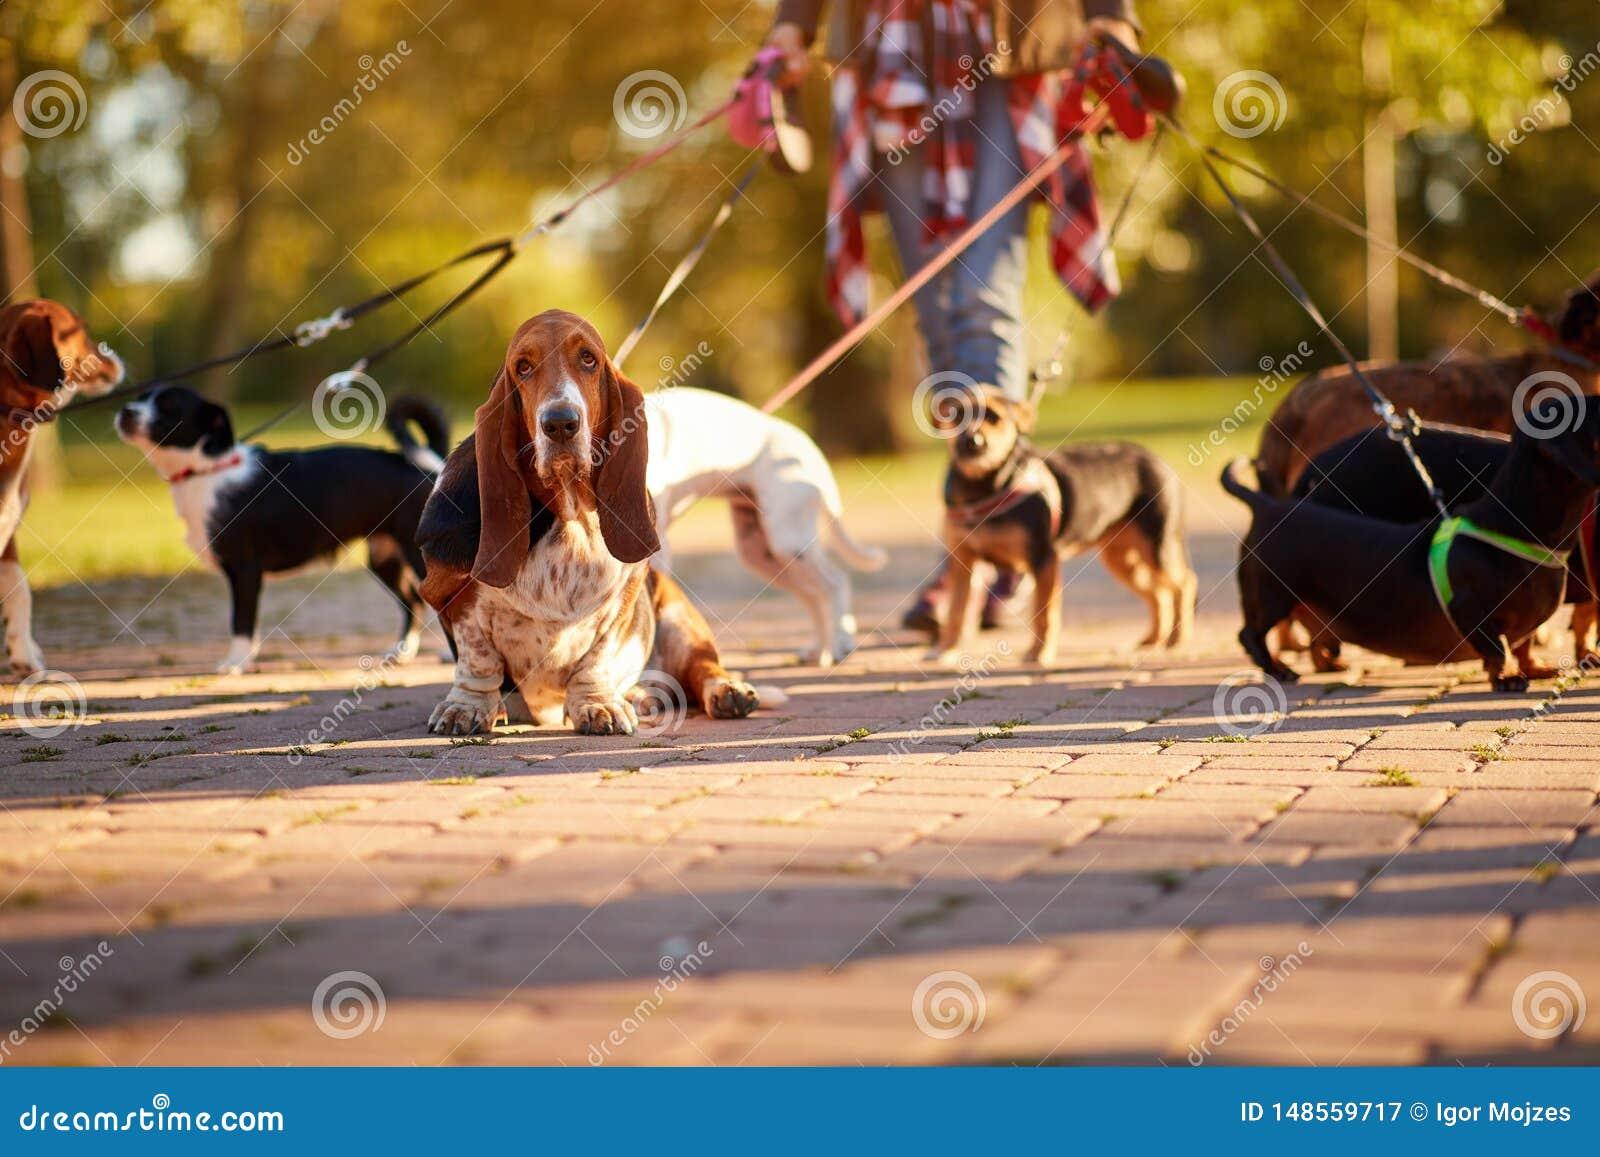 Profesjonalisty Psi piechur - Basset Hound cieszy si? w spacerze